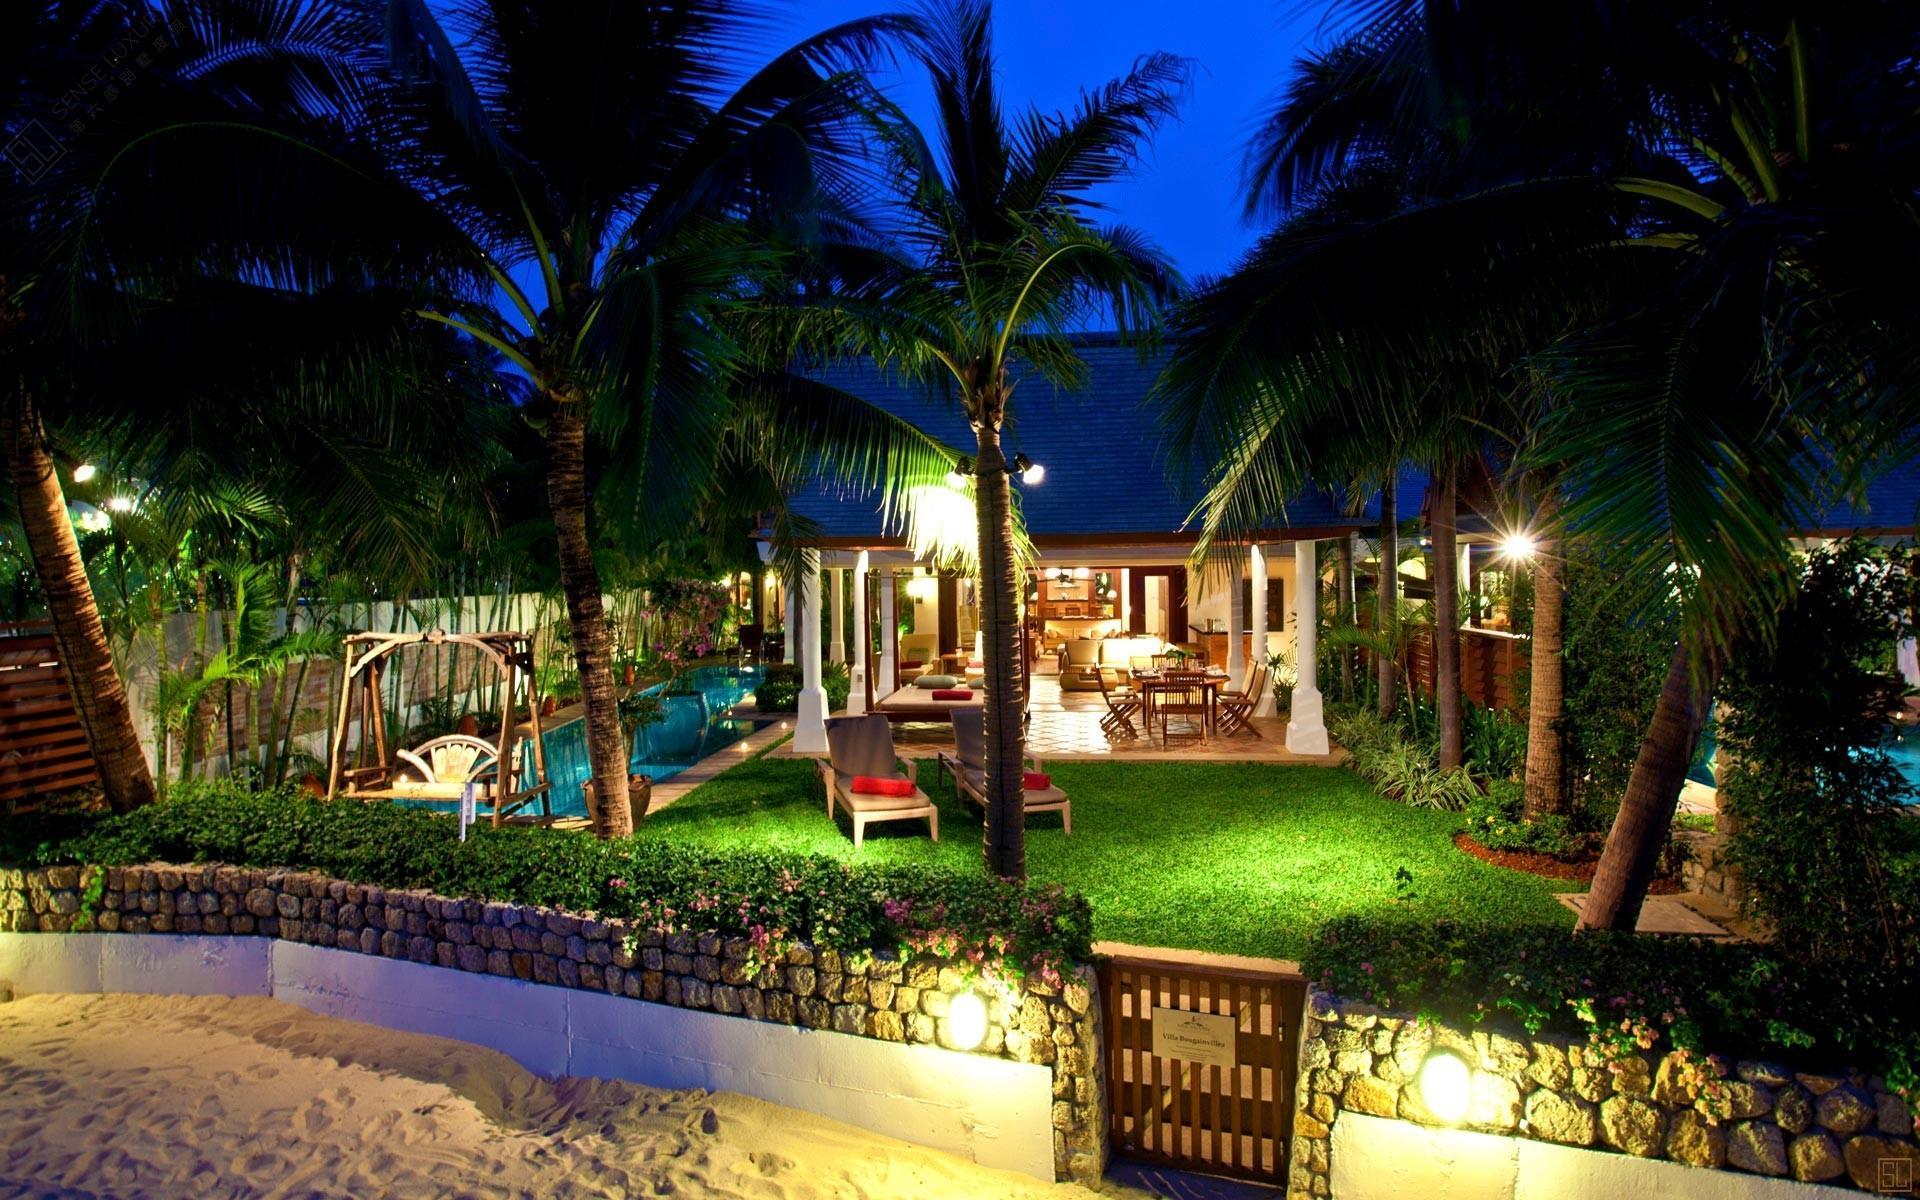 泰国苏梅岛密斯卡湾九重葛别墅庭院